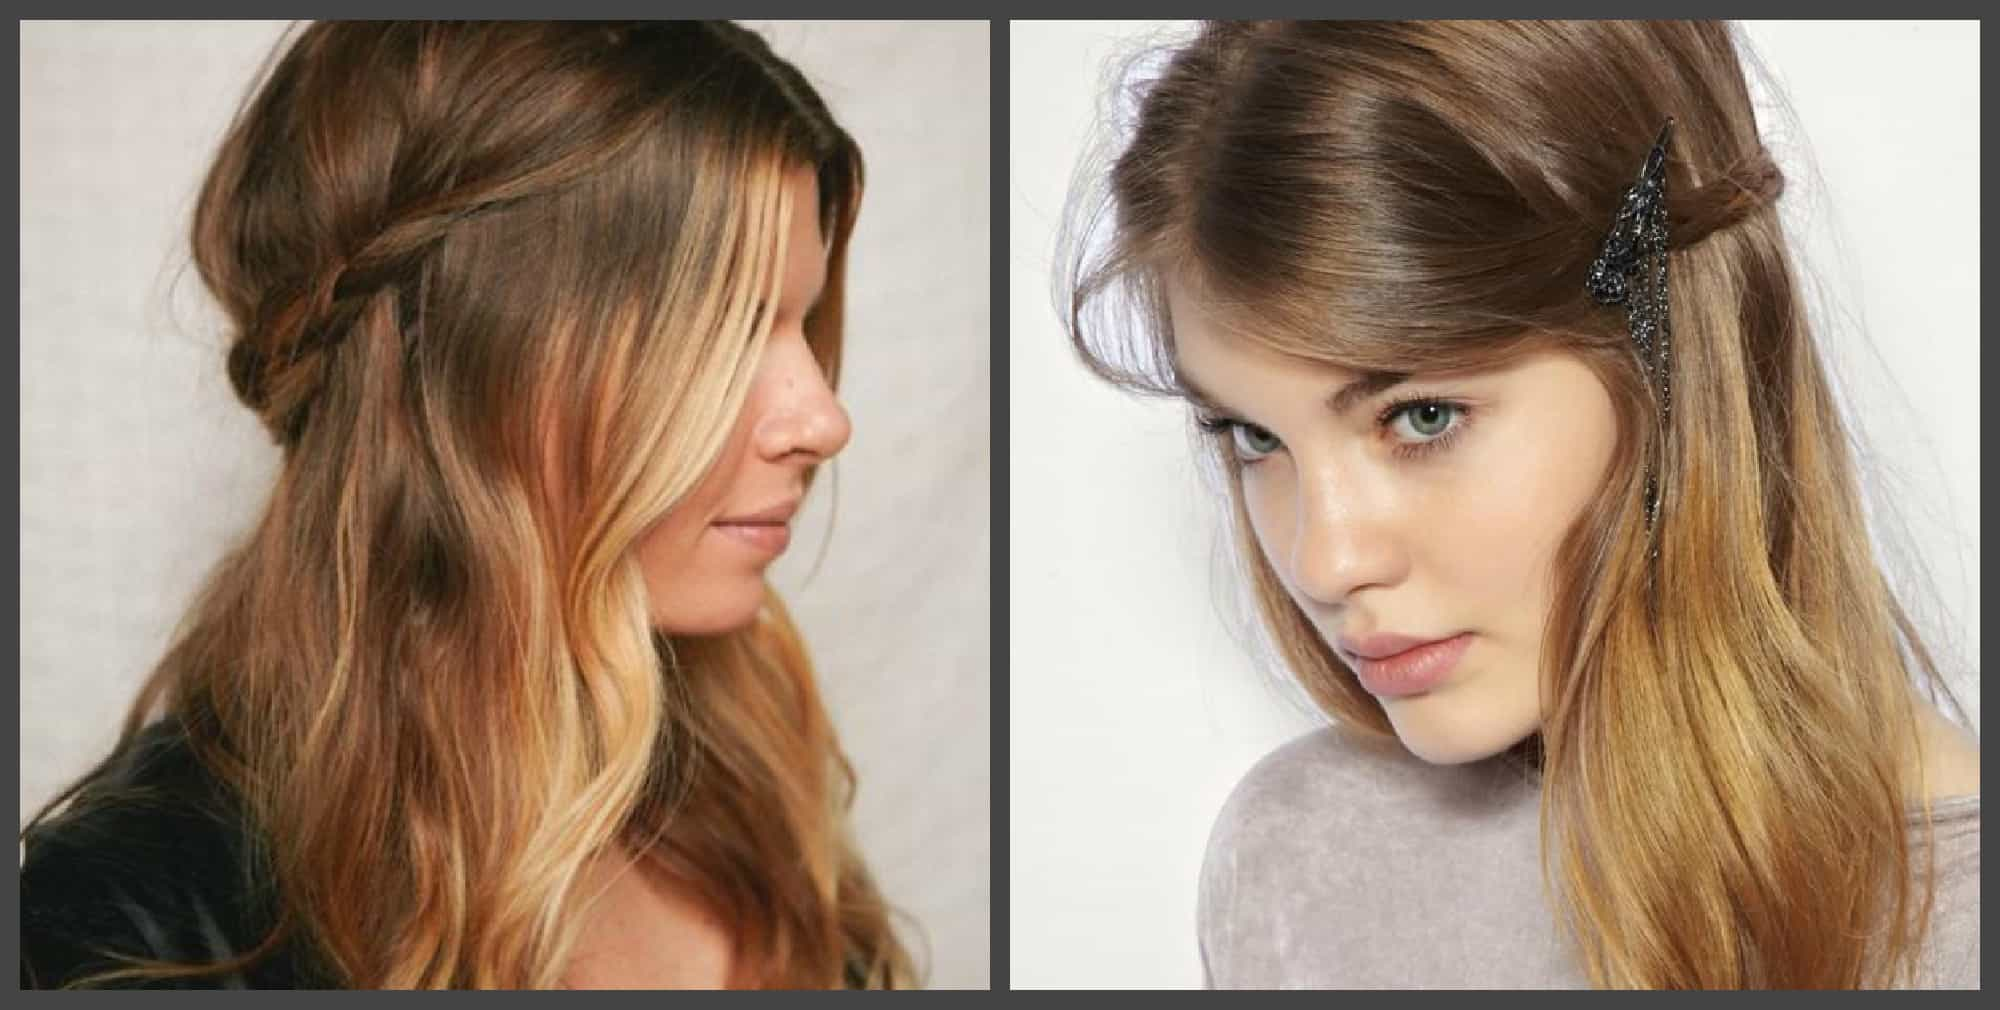 Peinados de moda 2018 tendencias y colores de pelo - Peinados actuales de moda ...